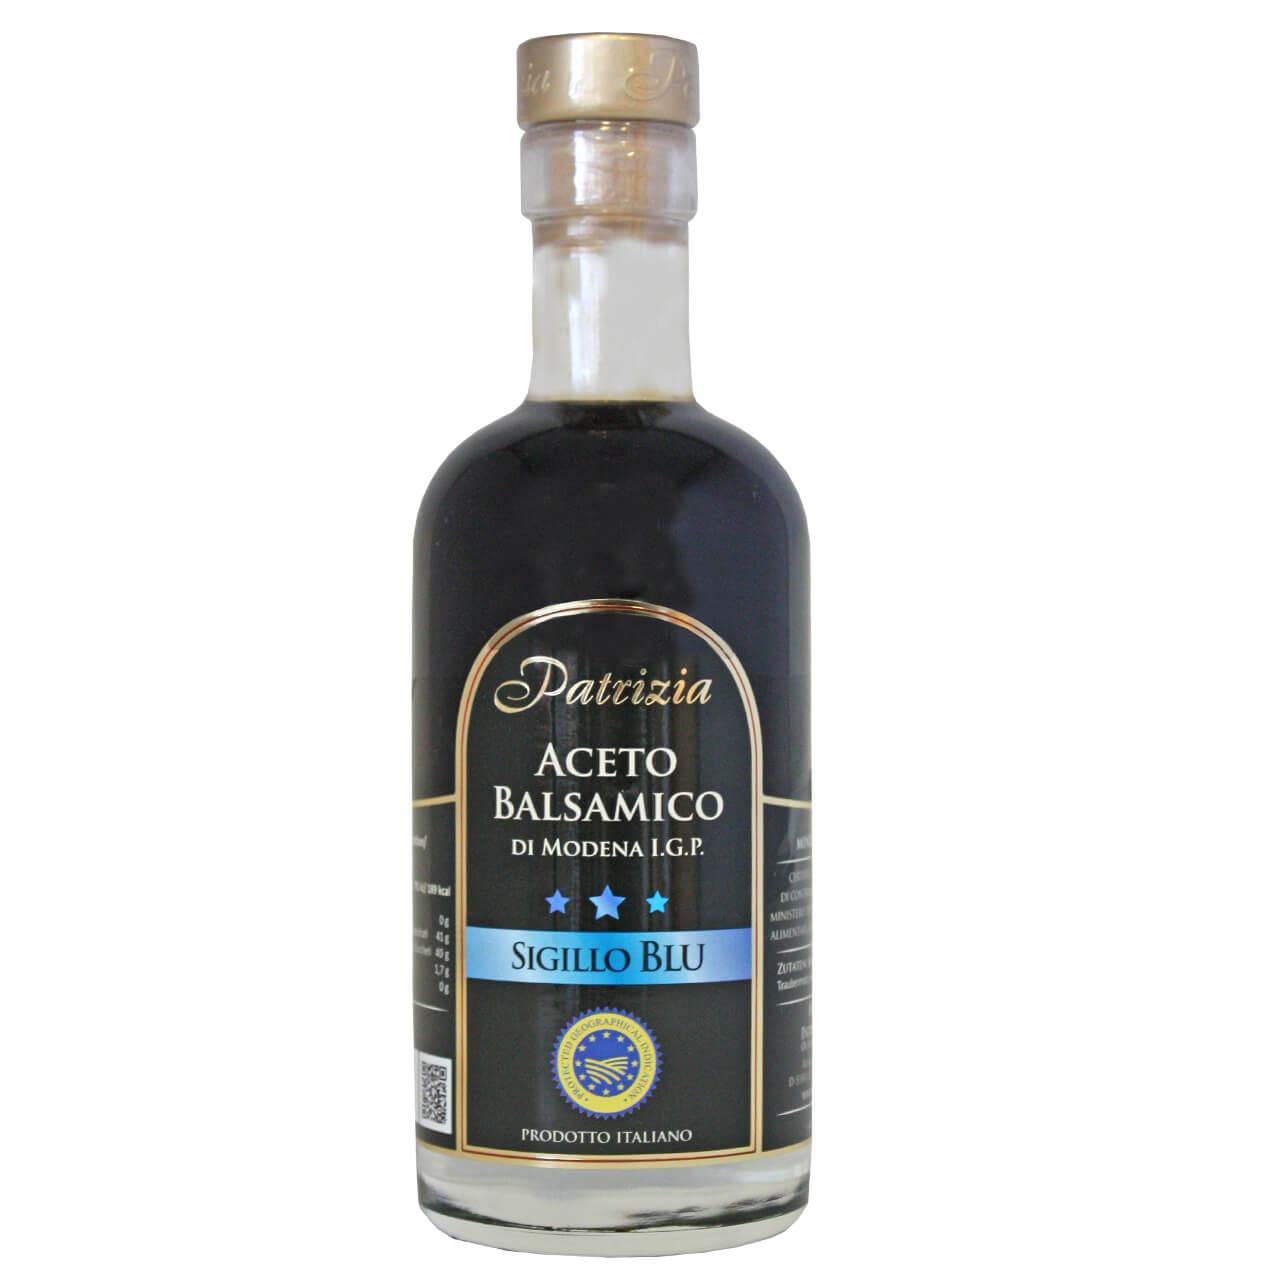 Aceto Balsamico - sigillo blu